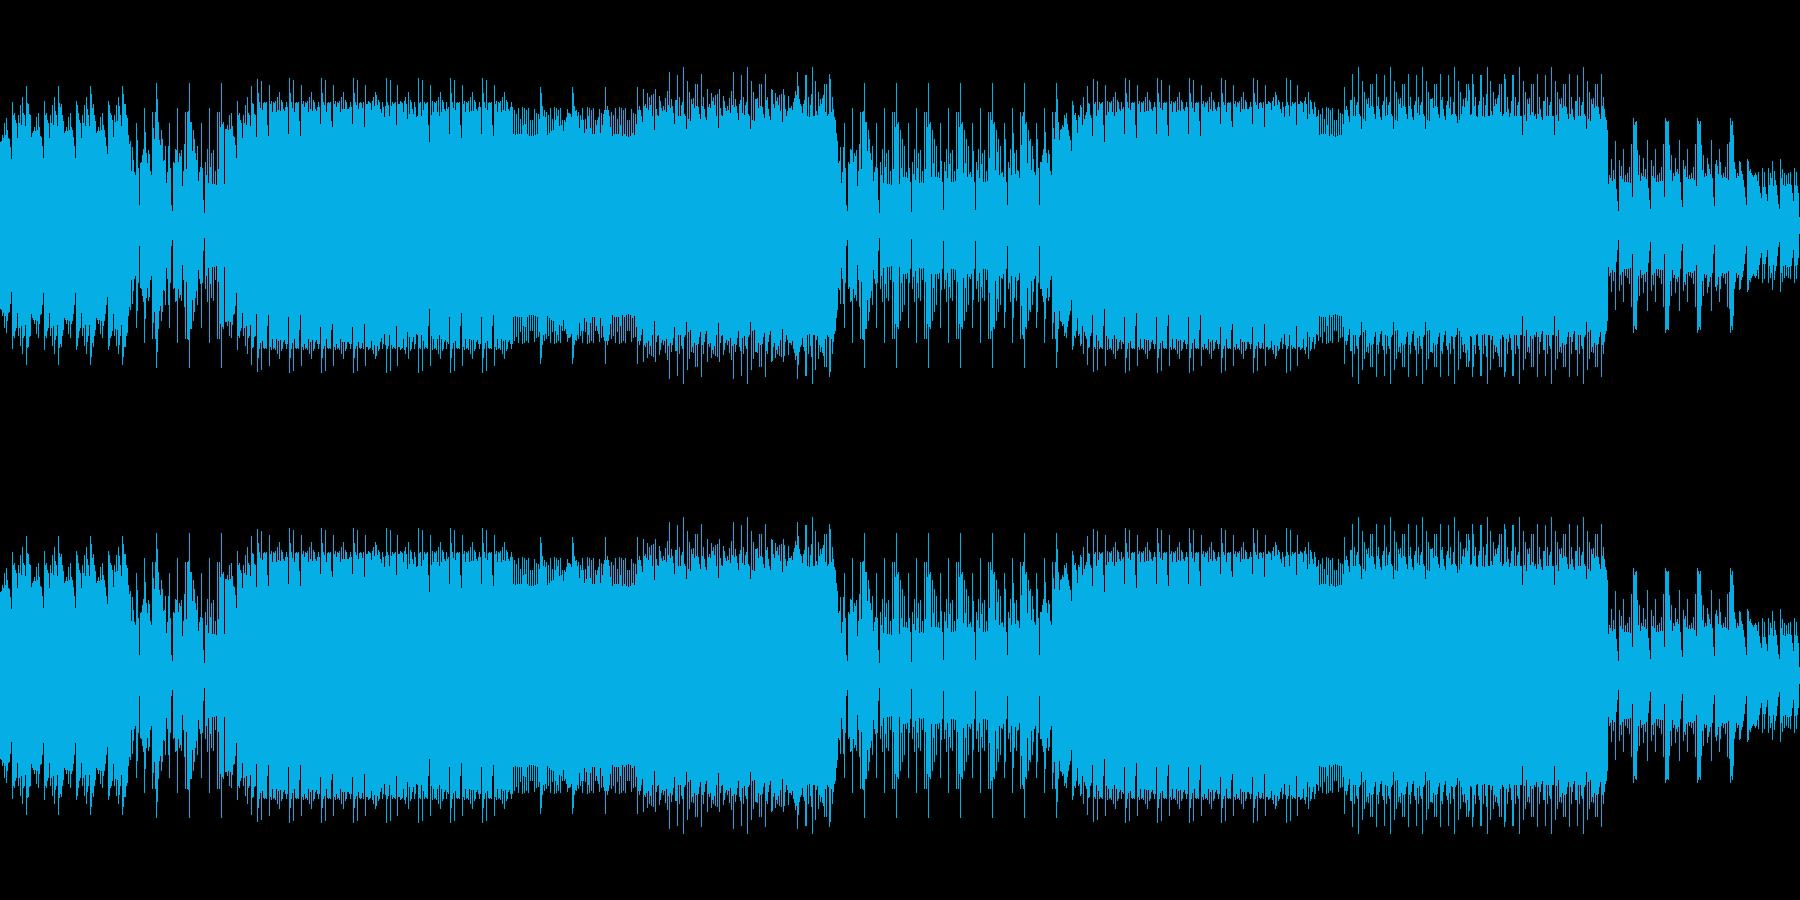 8ビットゲームサウンドBGM 02の再生済みの波形